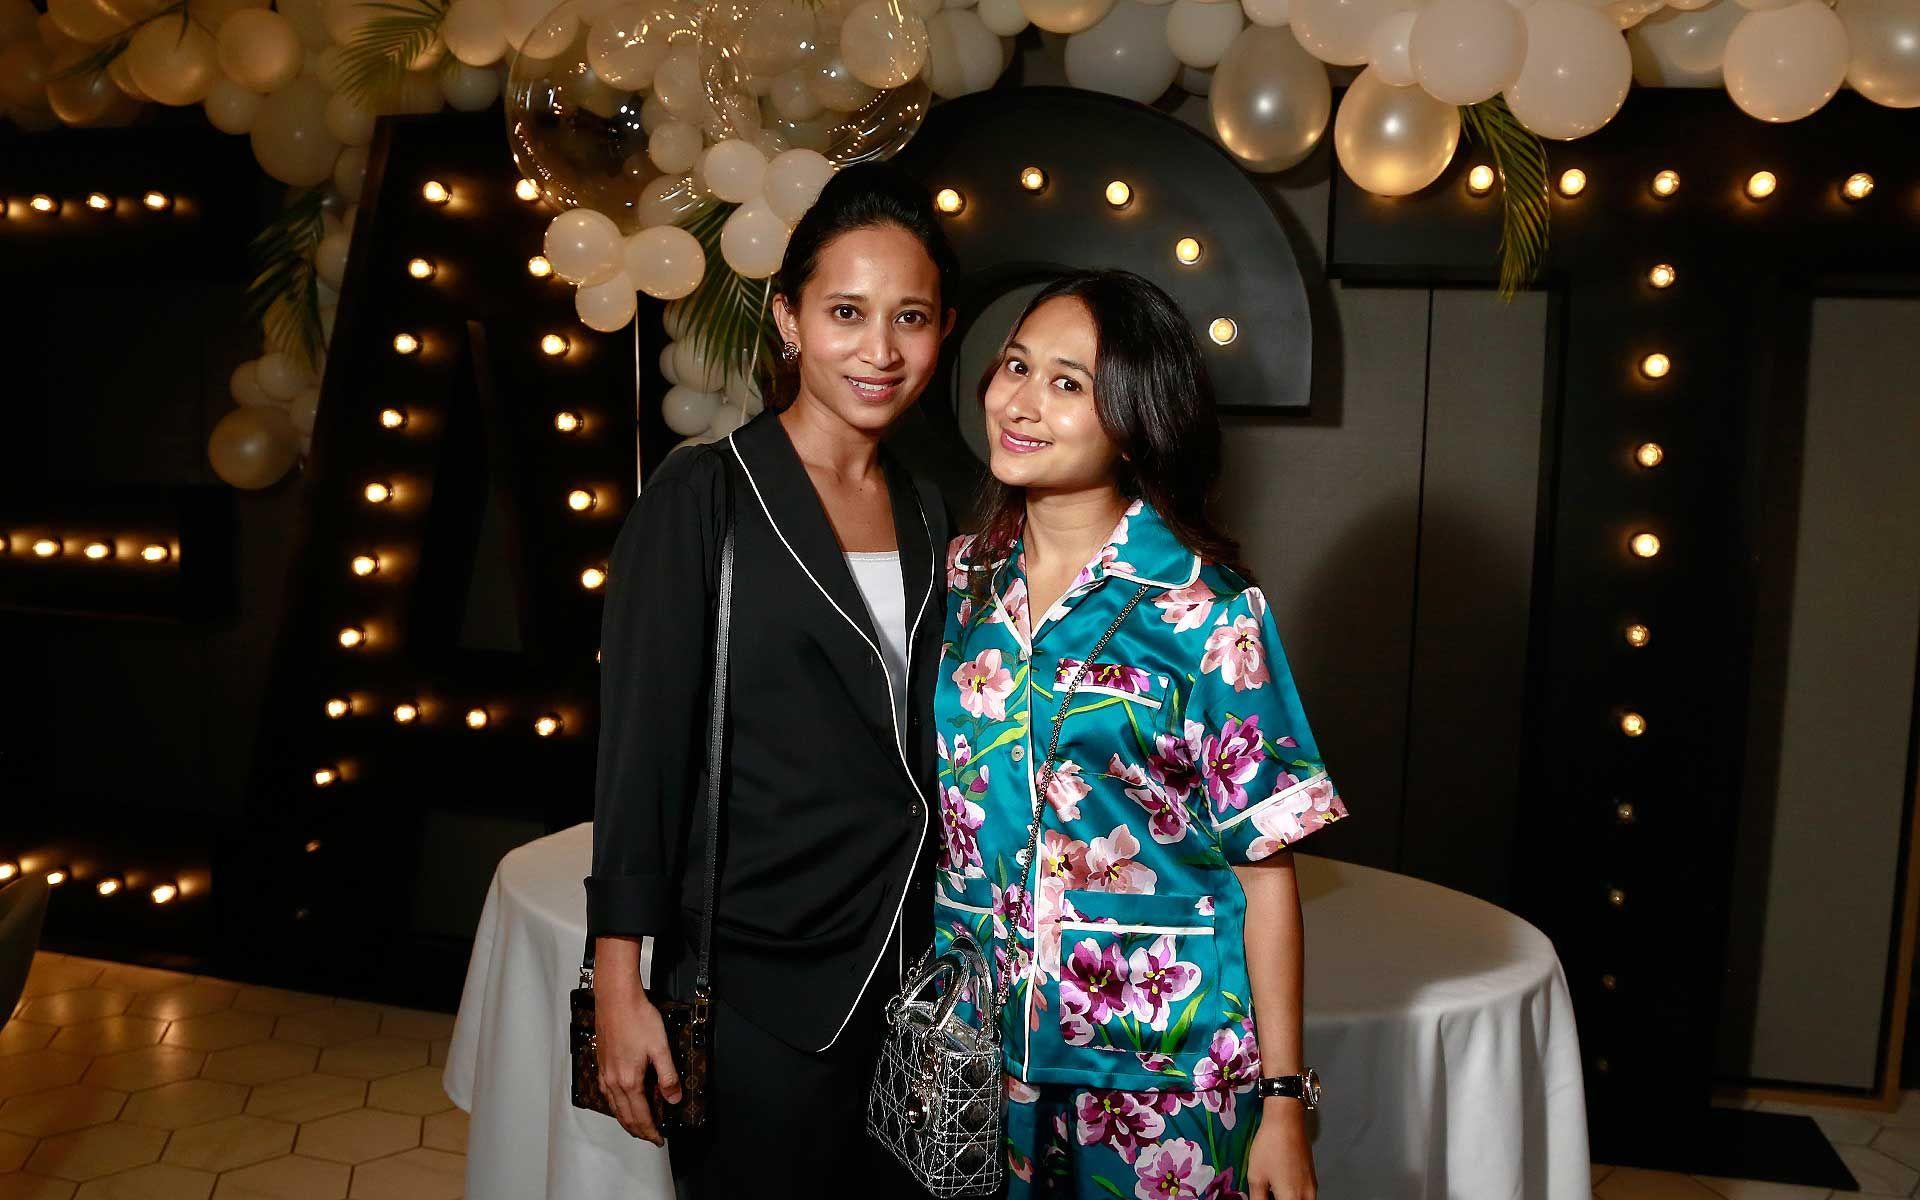 Diana Nasimuddin and Nadia Nasimuddin